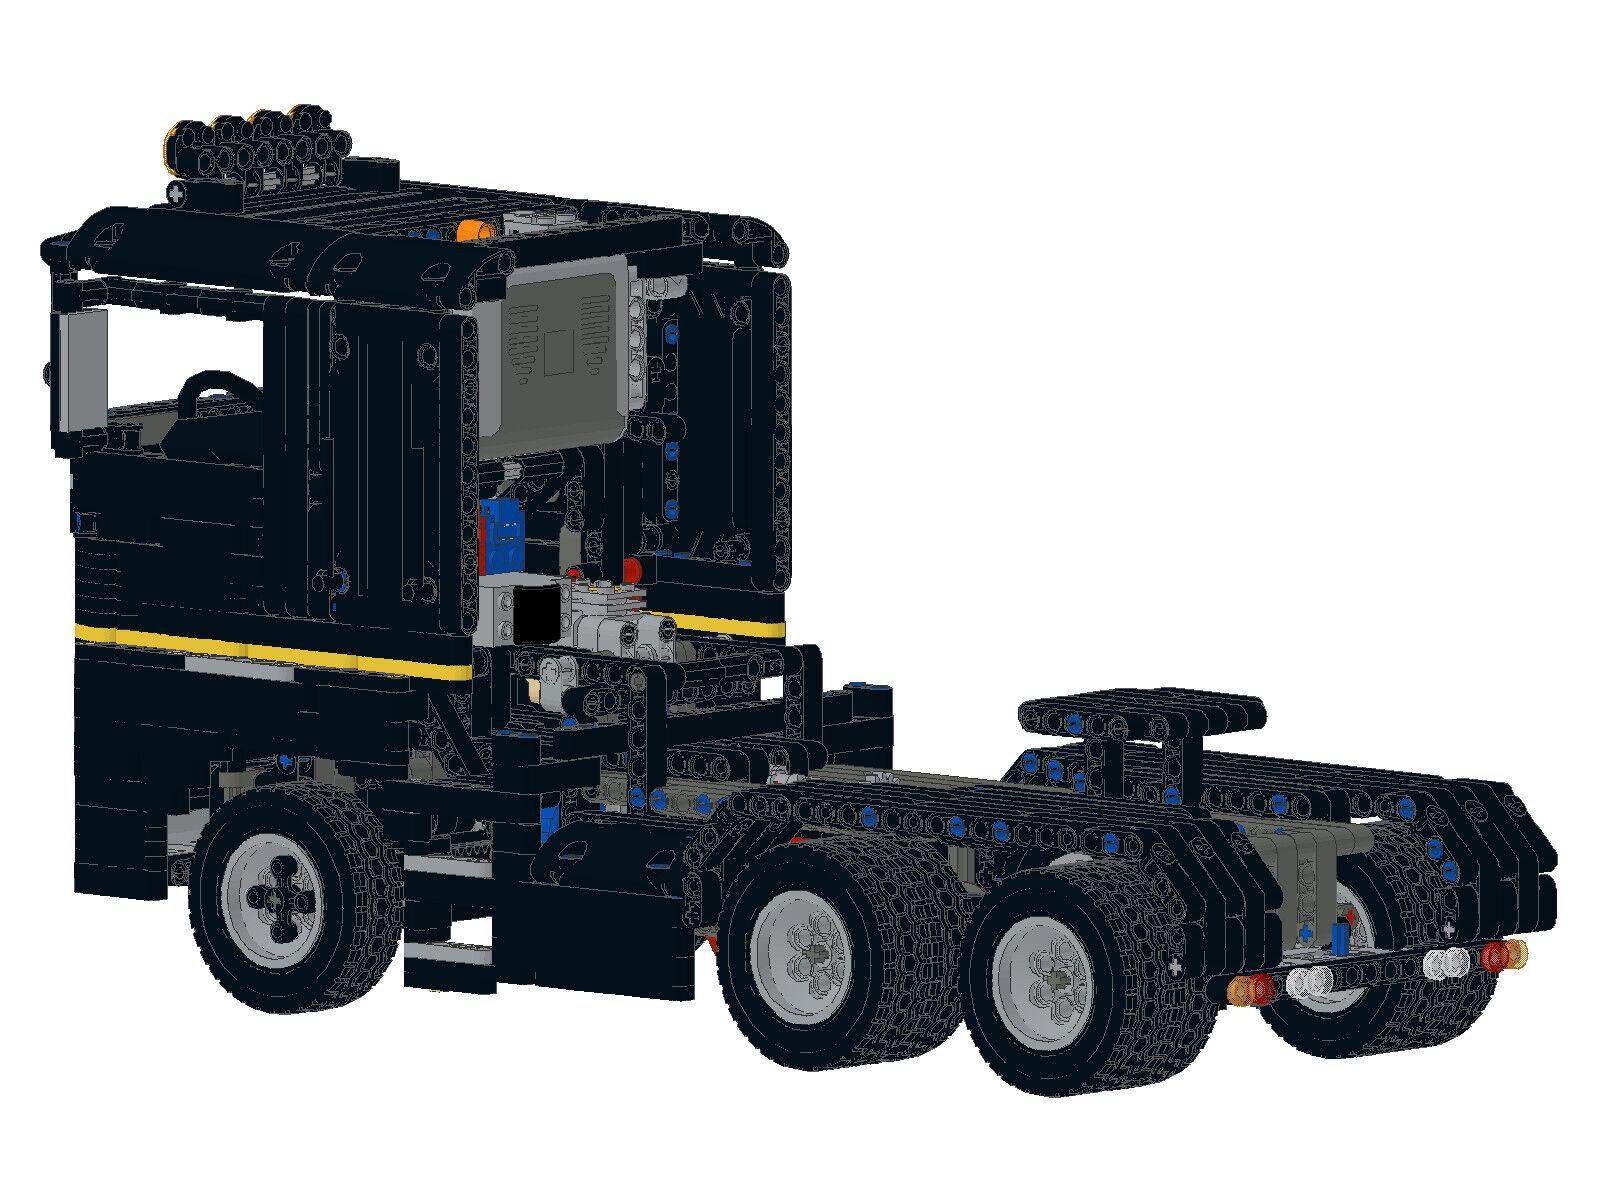 Bau- & Konstruktionsspielzeug-Sets Bauanleitung instruction Truck Magnum 3A Eigenbau Unikat Moc aus Lego Technic ge